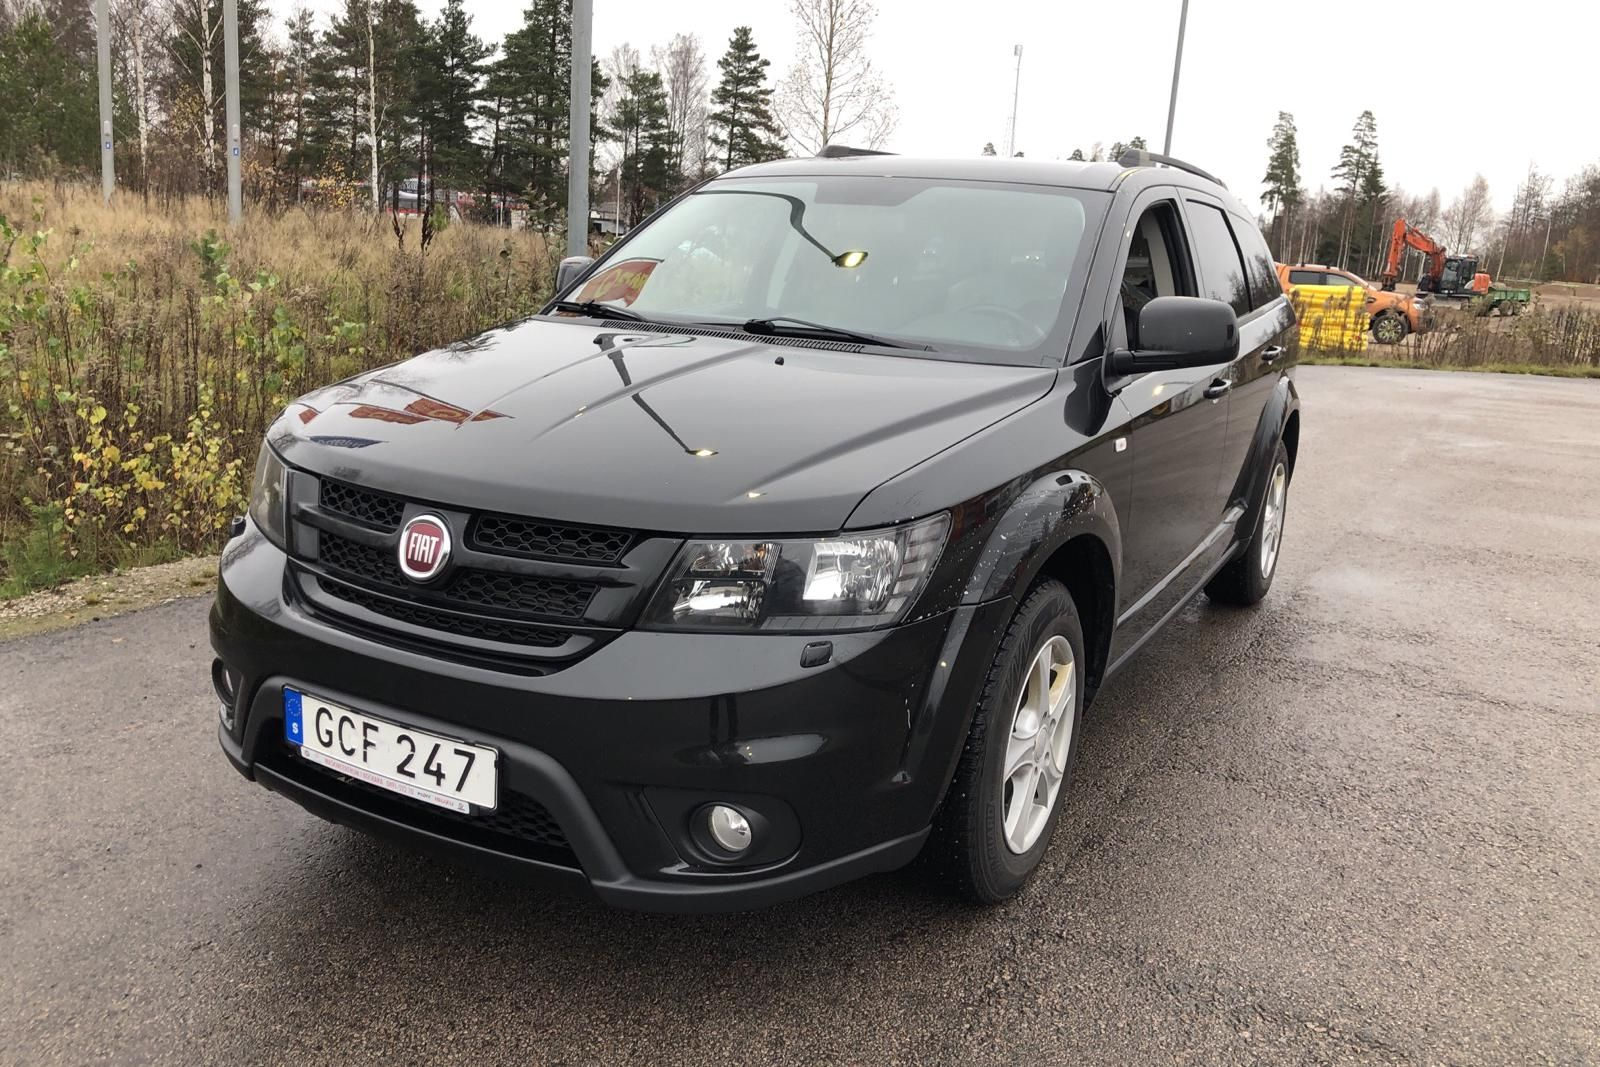 Fiat Freemont 2.0 Multijet AWD (170hk)